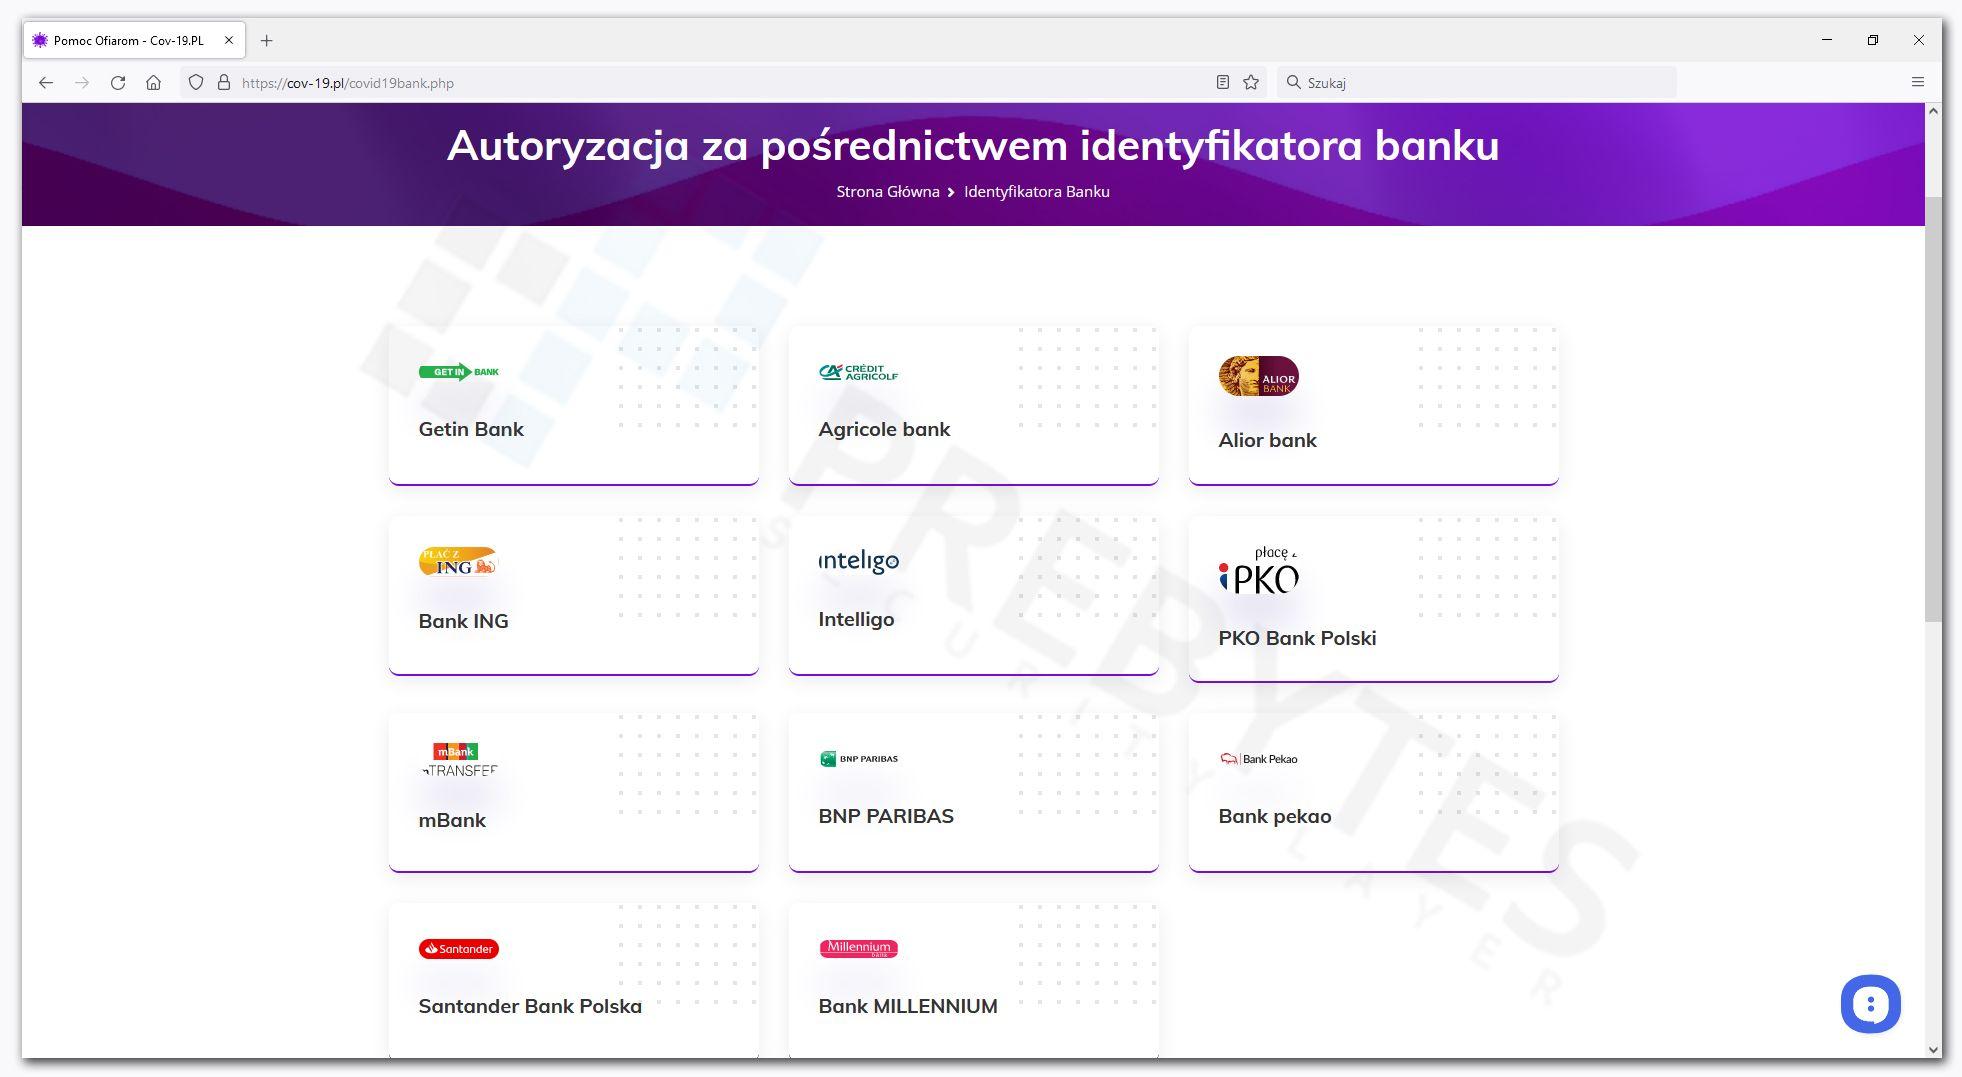 cov19_banks